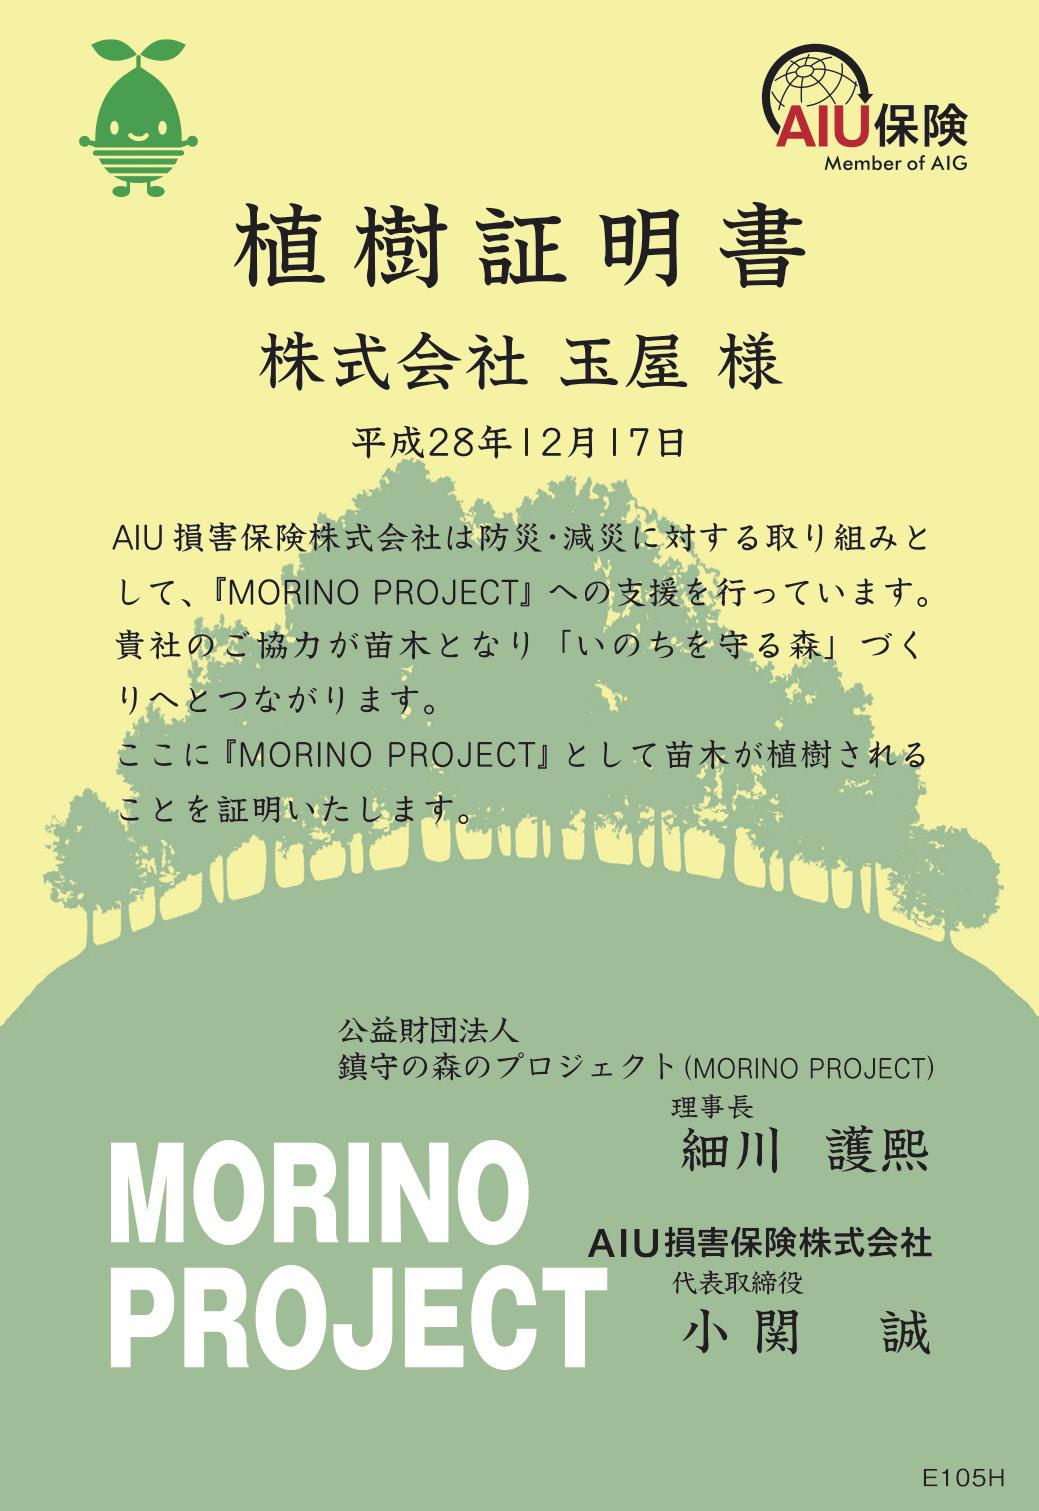 鎮守の森プロジェクトの活動支援01